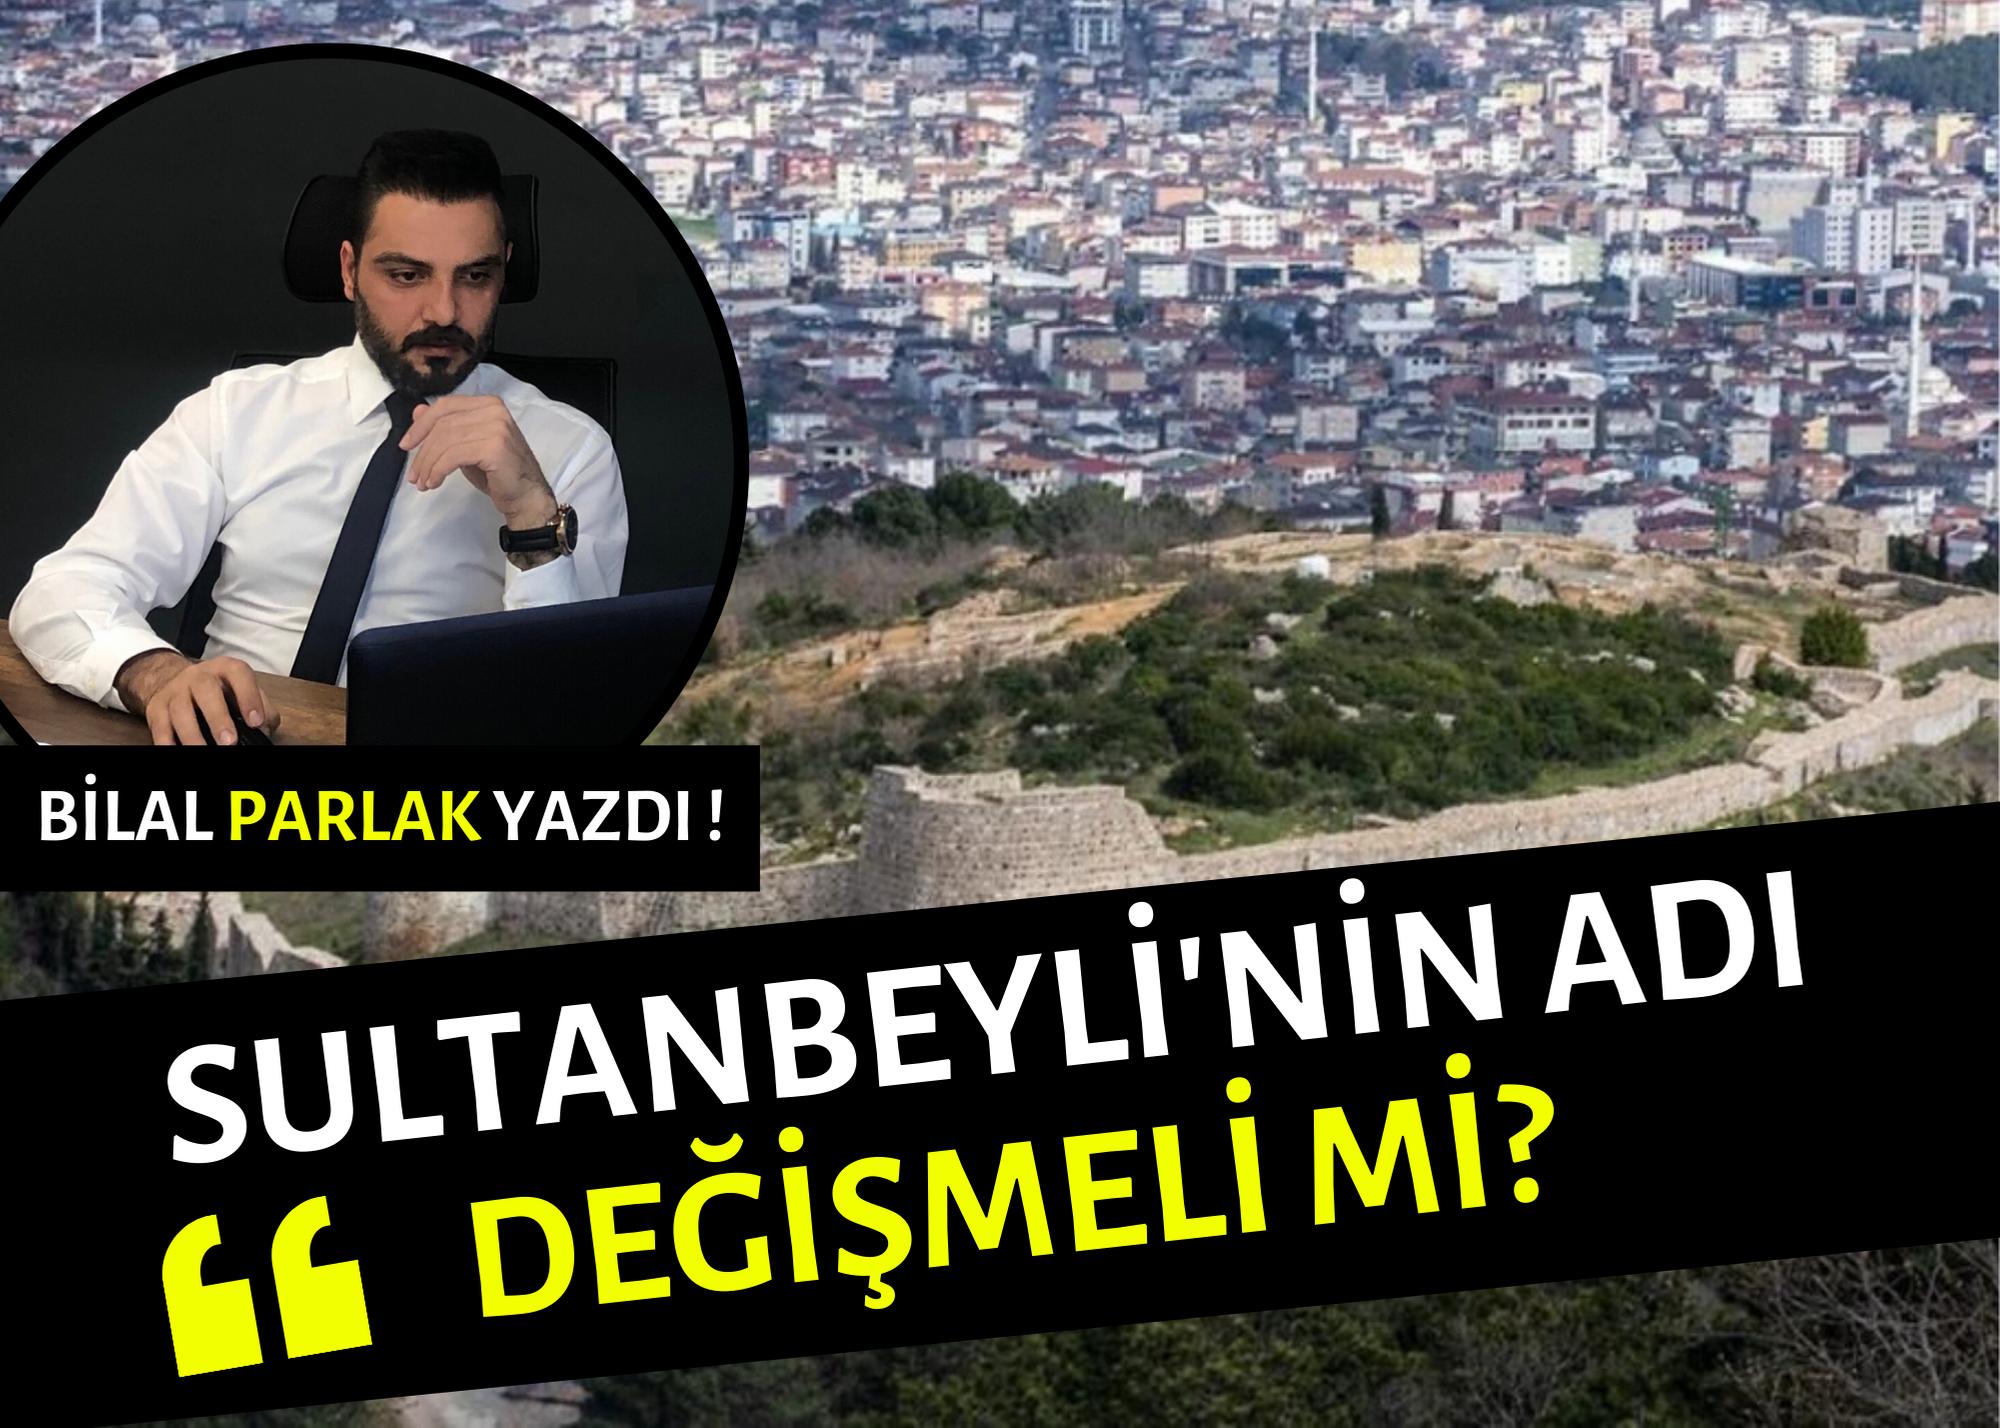 Sultanbeyli'nin adı değişmeli mi?